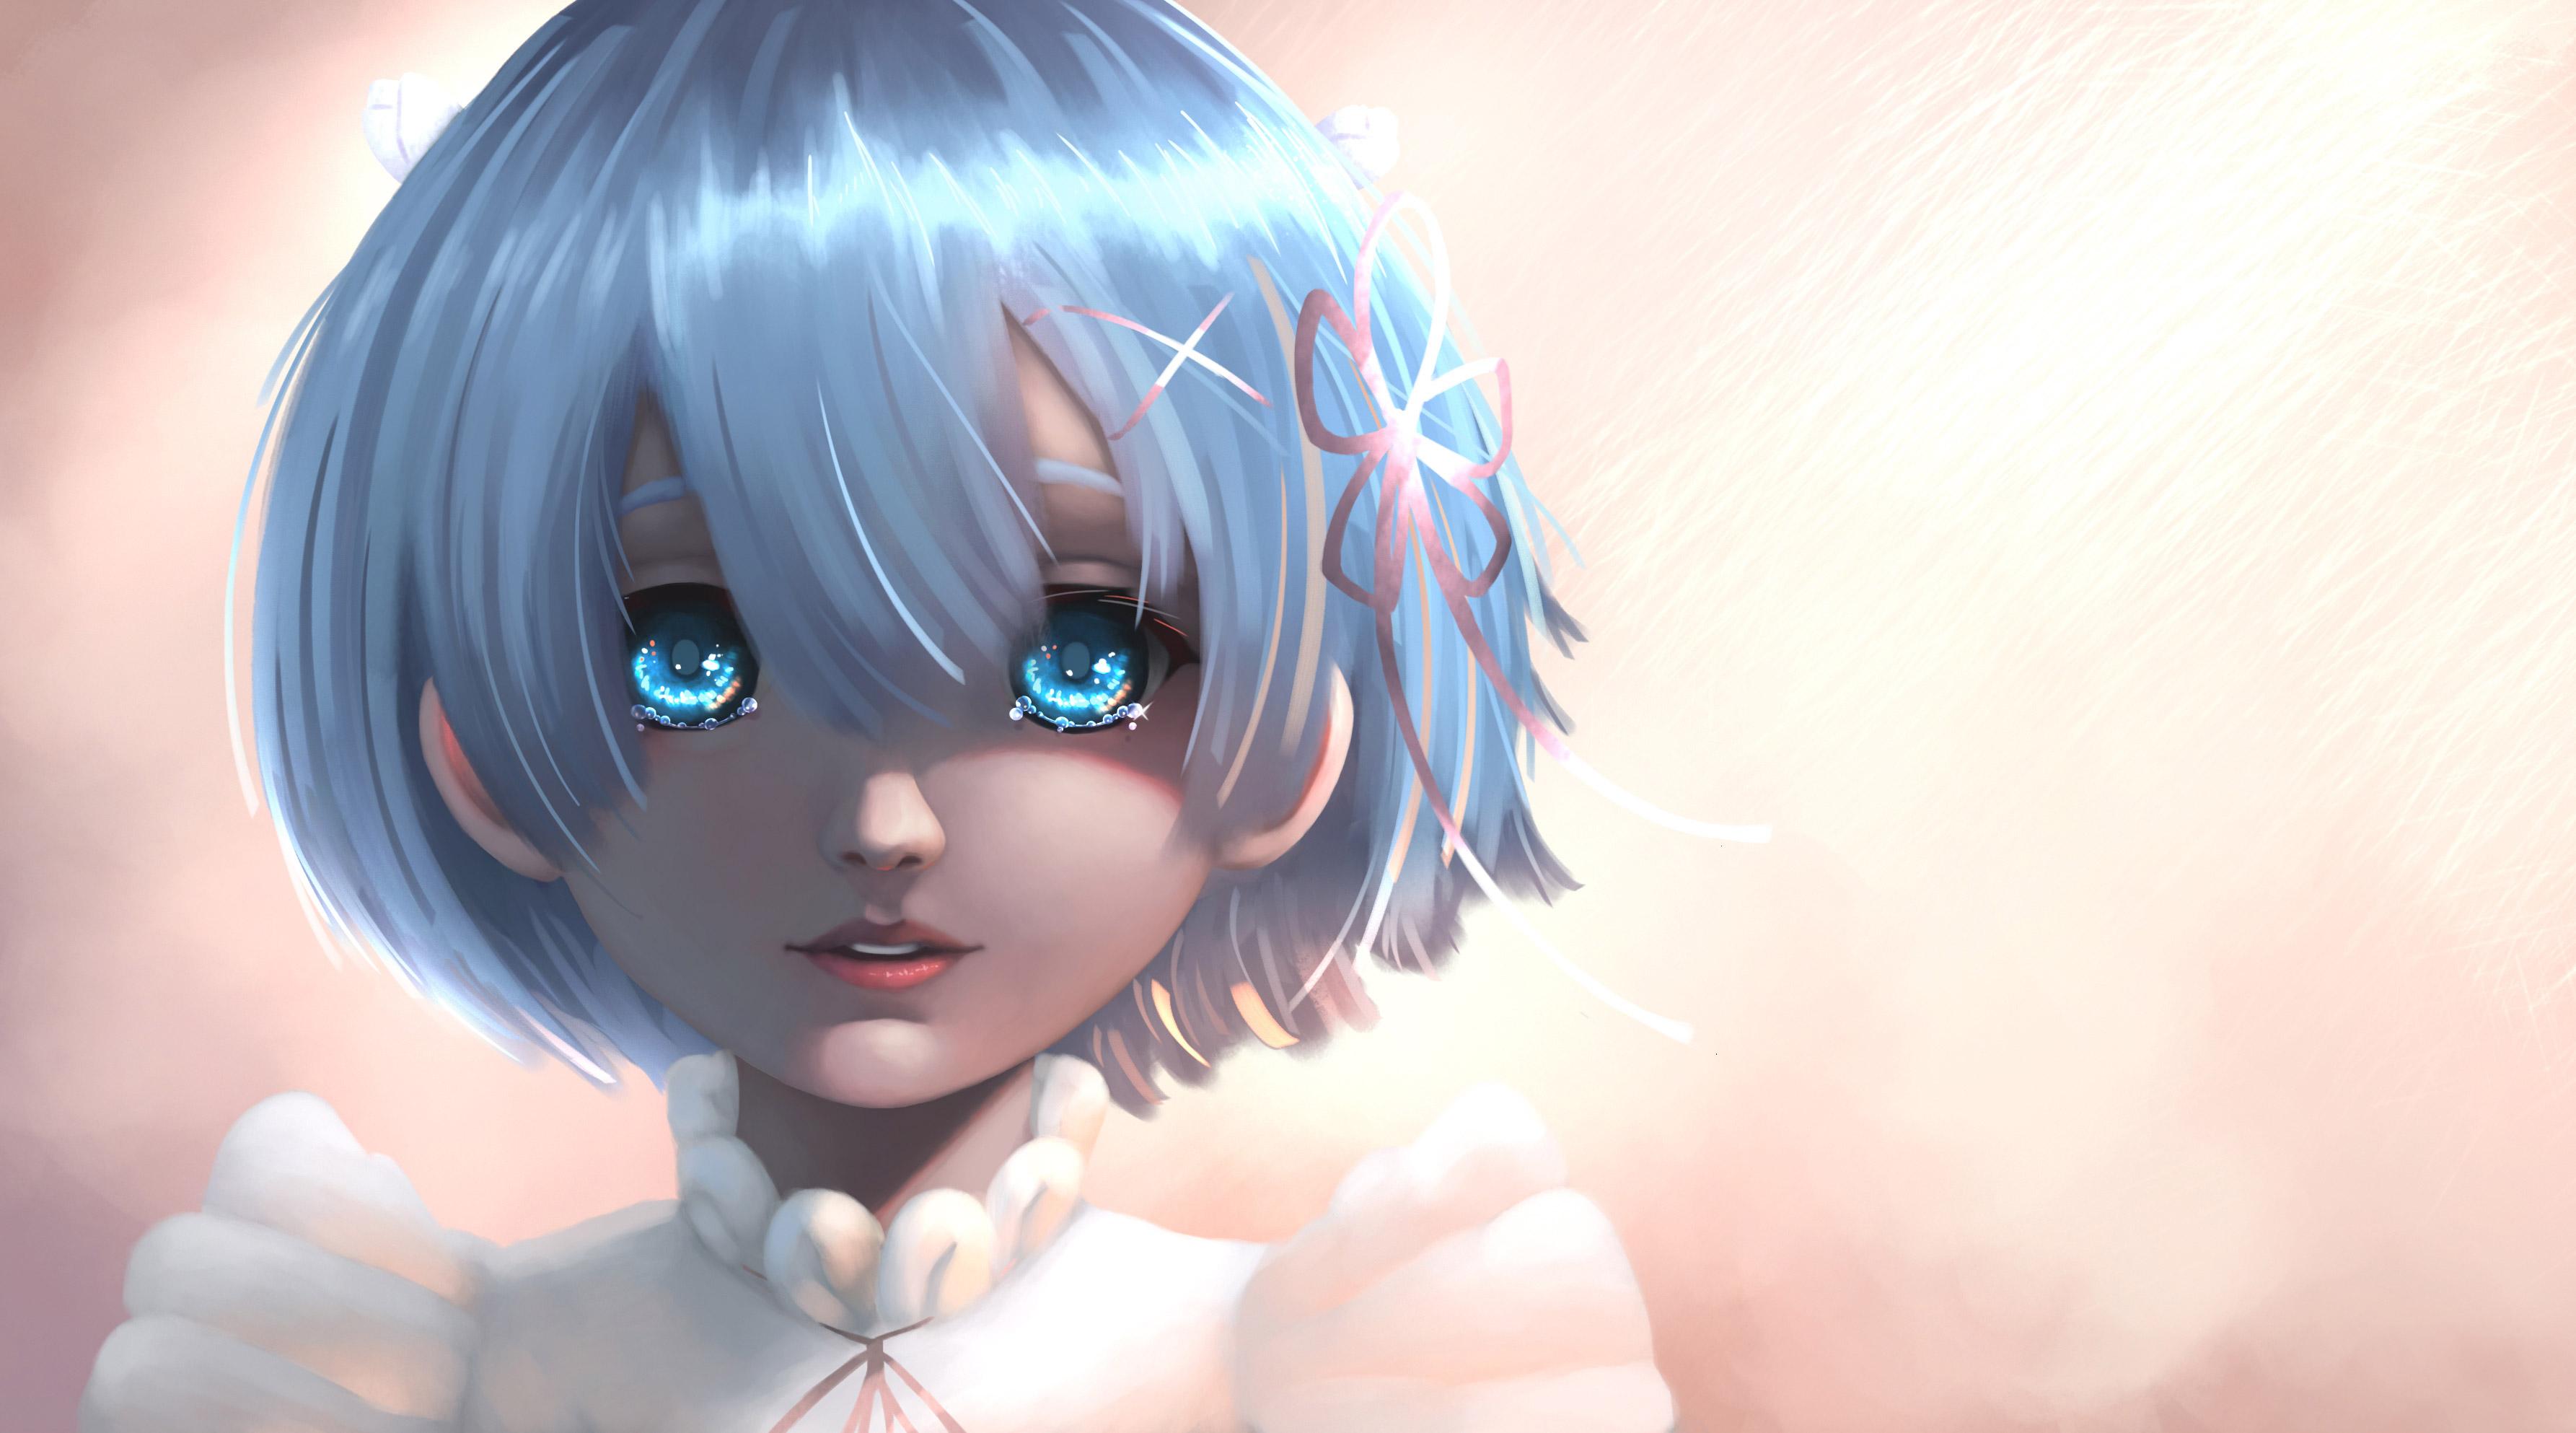 Anime girl artwork 4k hd anime 4k wallpapers images - Anime background wallpaper 4k ...